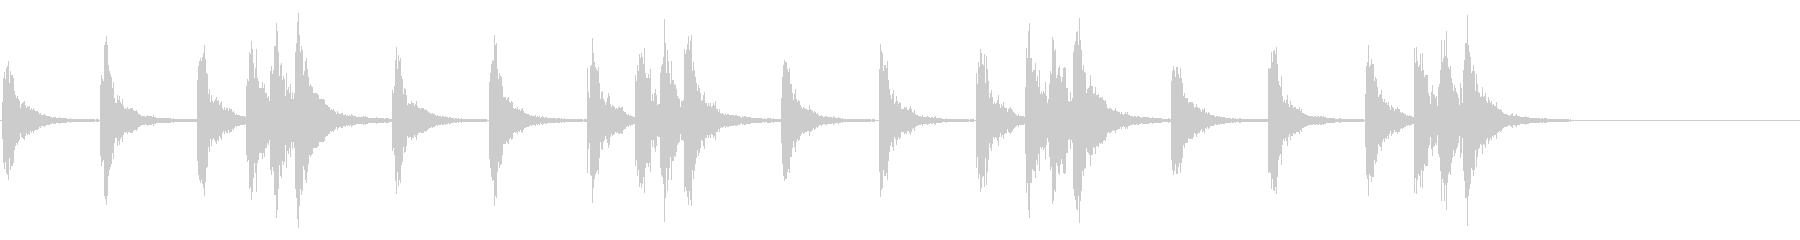 和太鼓 たんたんたんどどたんx4の未再生の波形